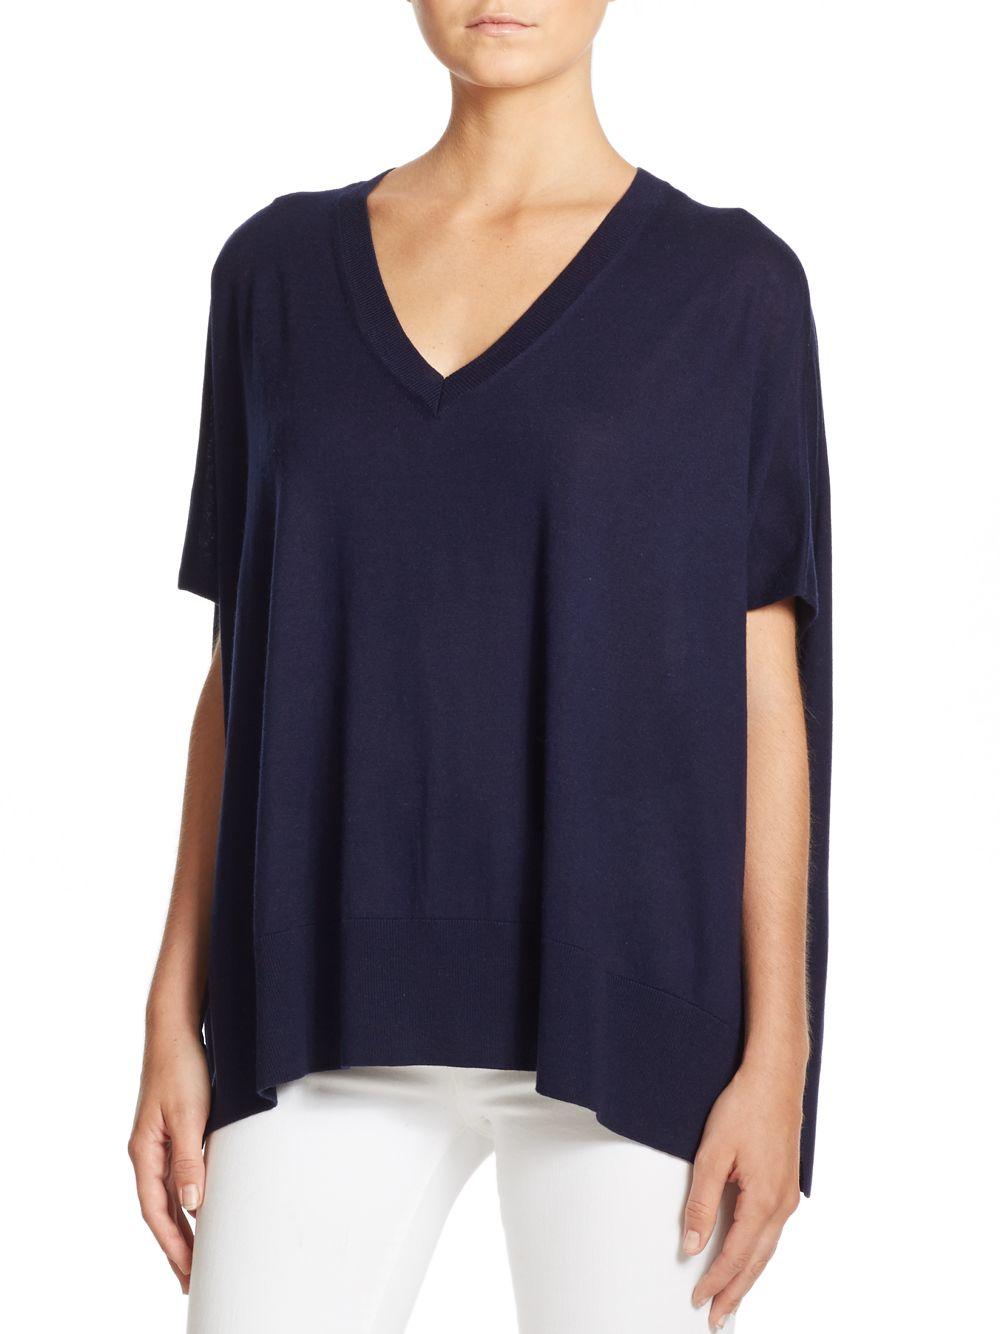 Diane von furstenberg Honey Silk & Cashmere Sweater in Blue | Lyst